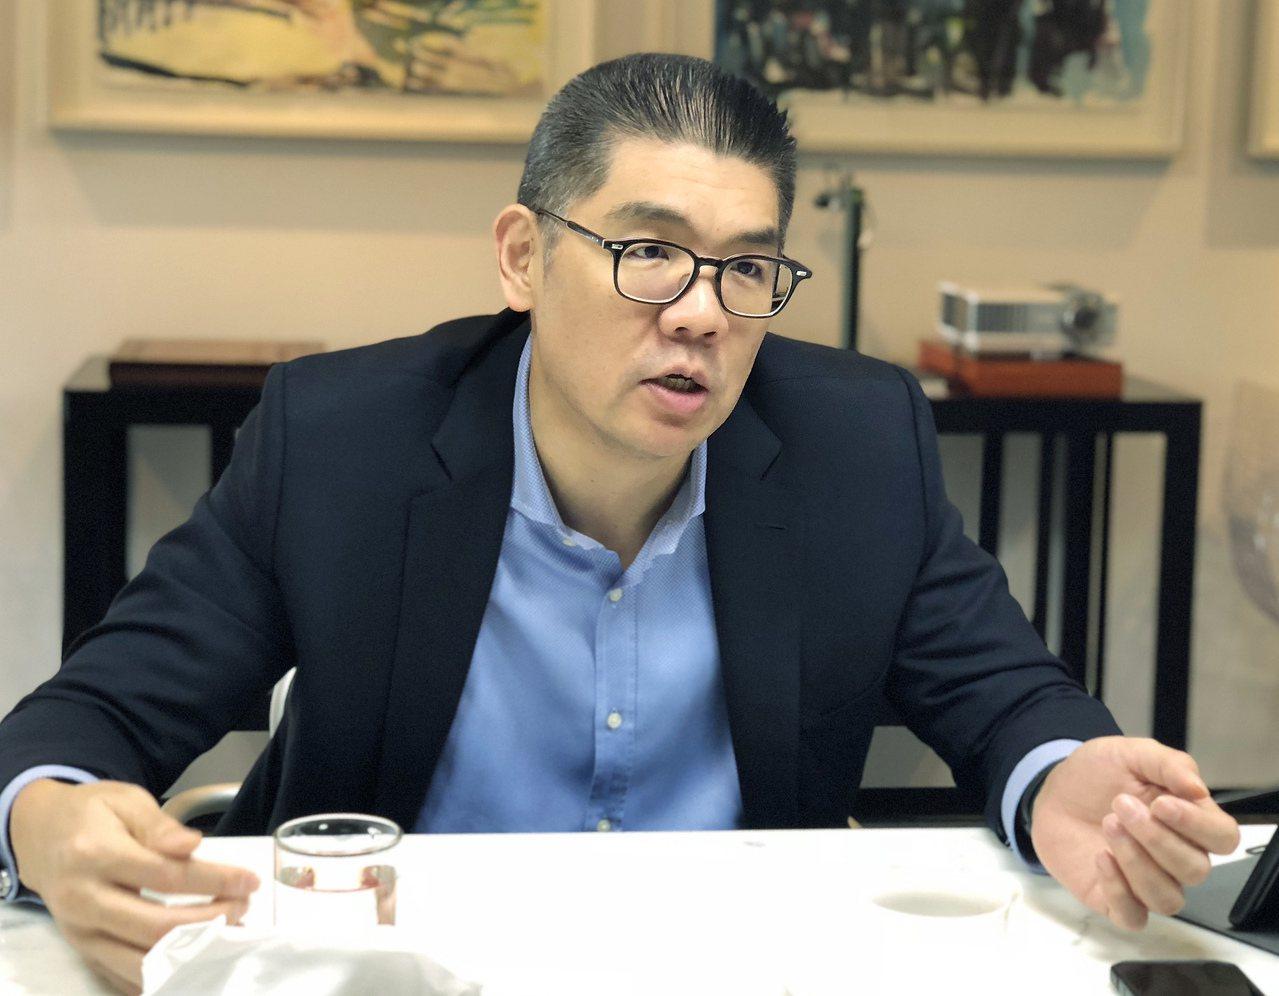 國民黨中央委員連勝文在臉書上表示,韓國瑜的理念是許多經濟型選民所重視的。 聯合報...